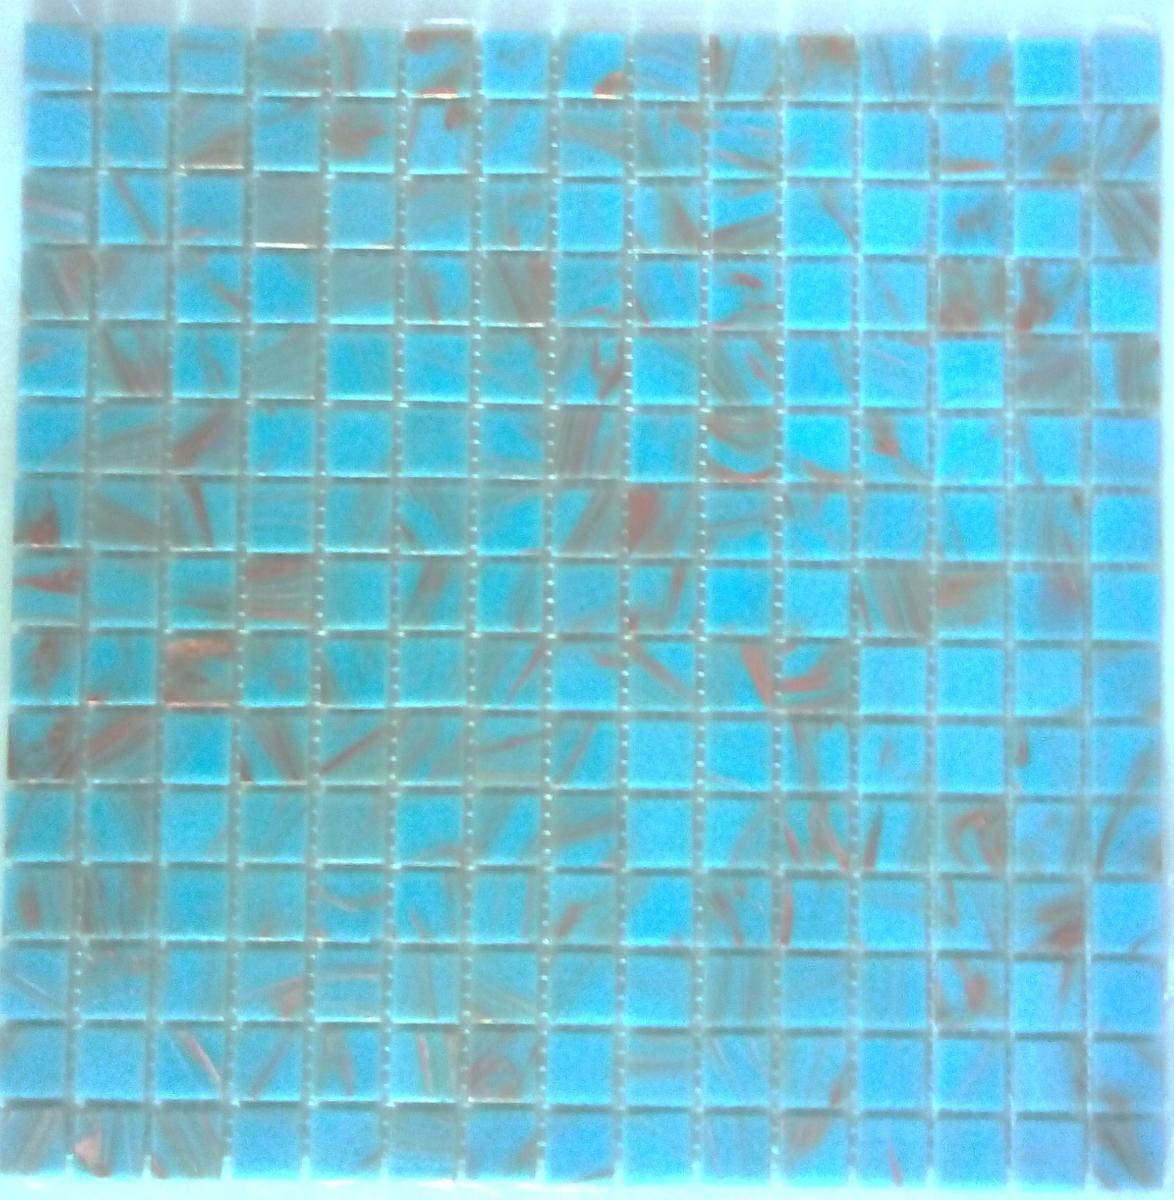 Bleu mosaïque pâte de verre bleu clair cyan gemmé / bleu de Crimée en plaque